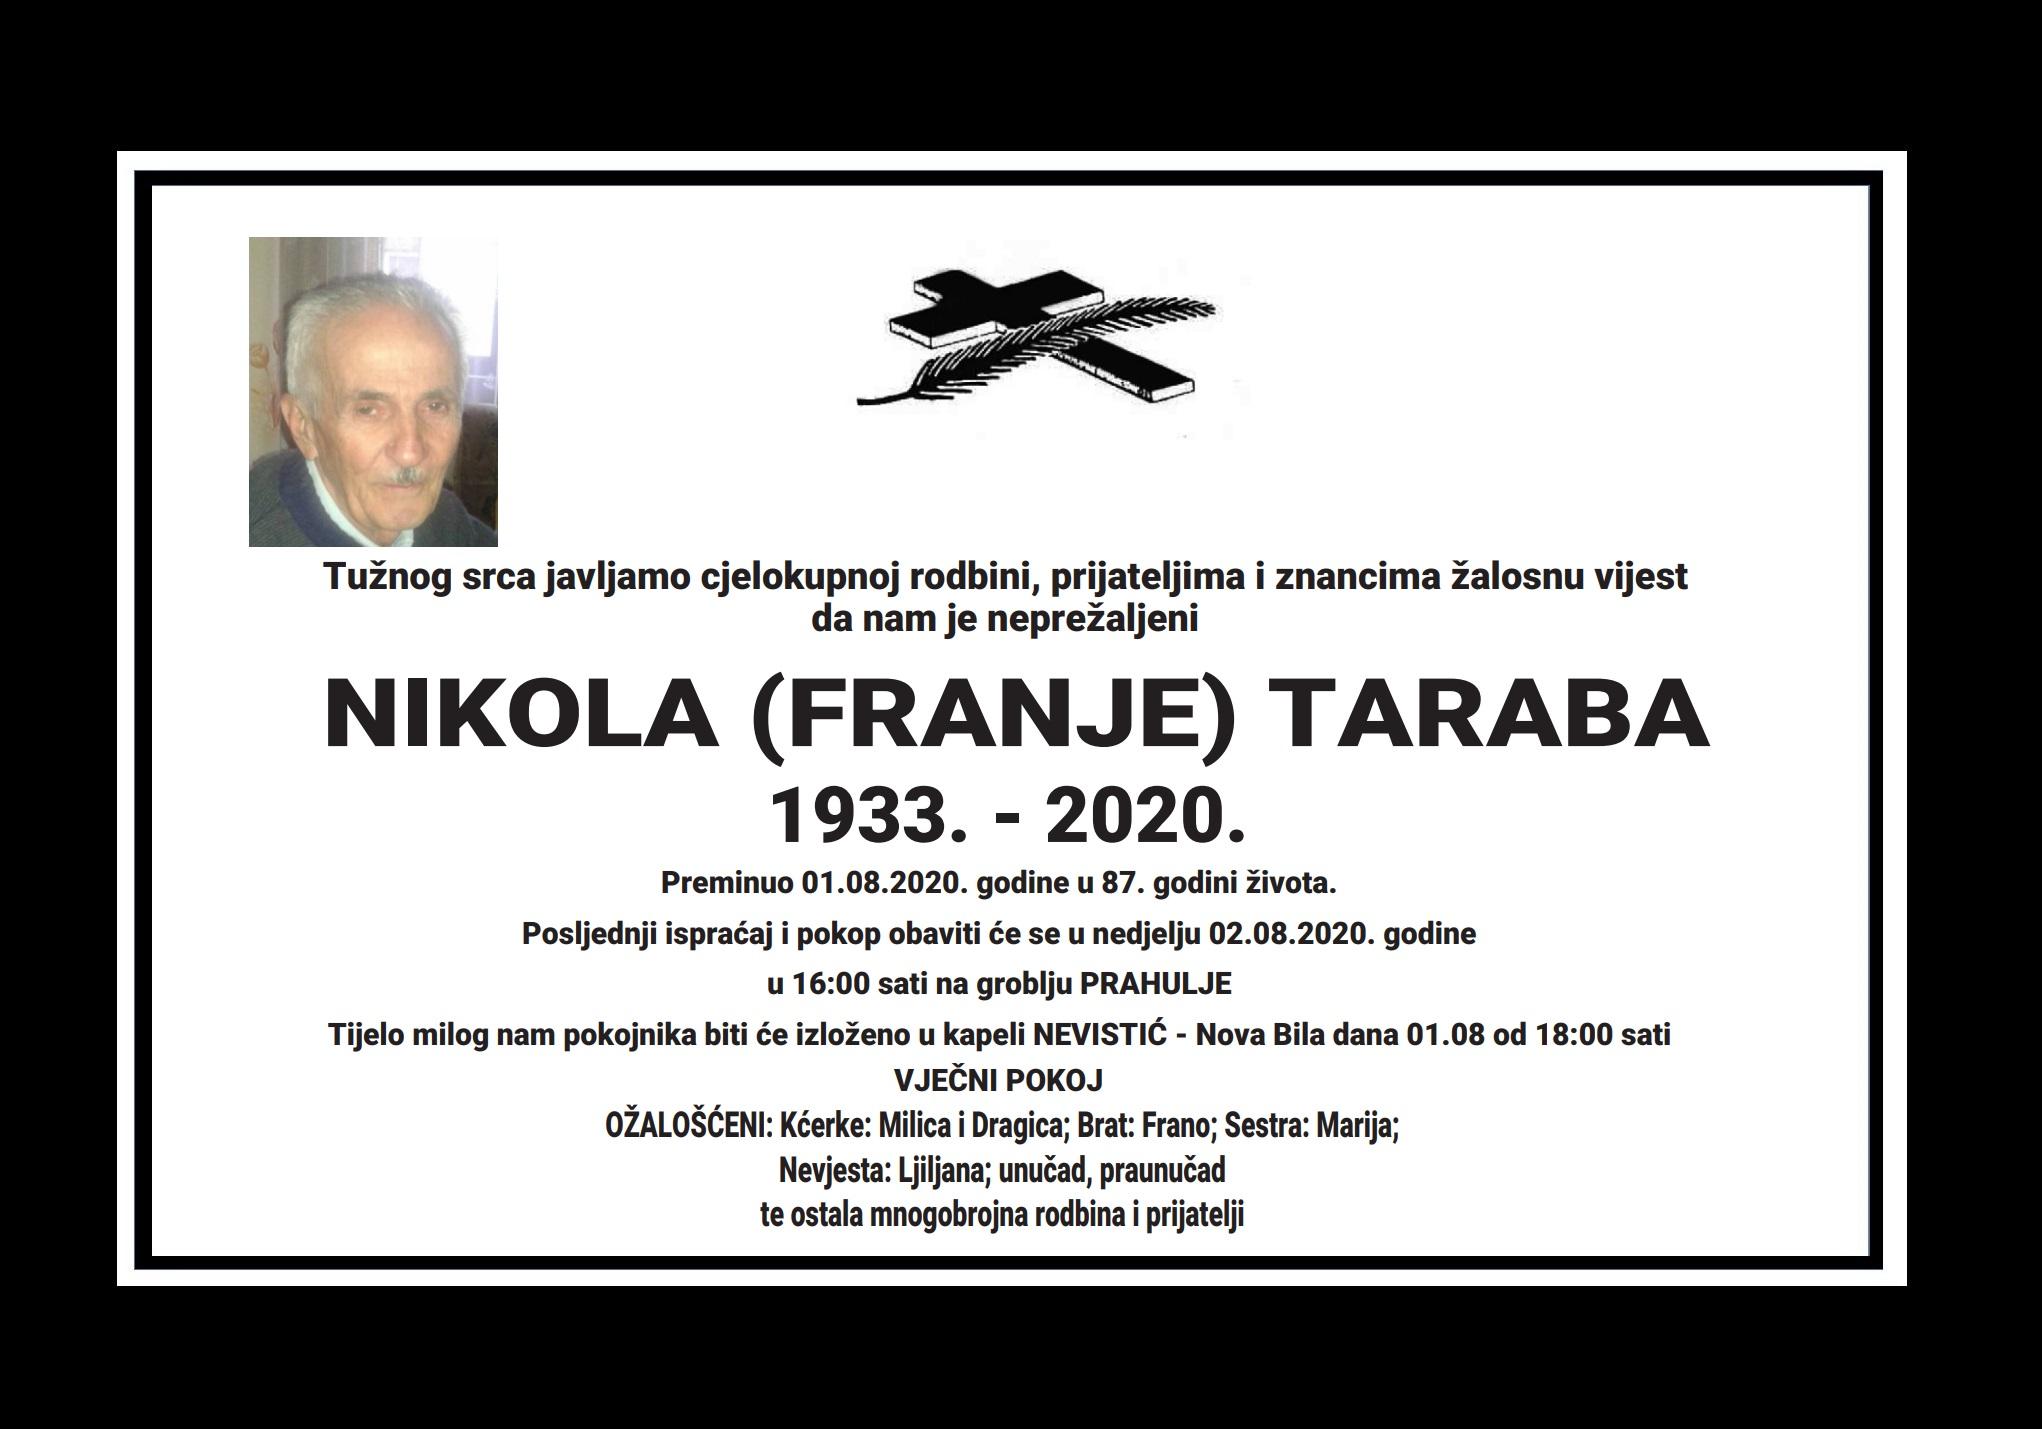 Nikola (Franje) Taraba